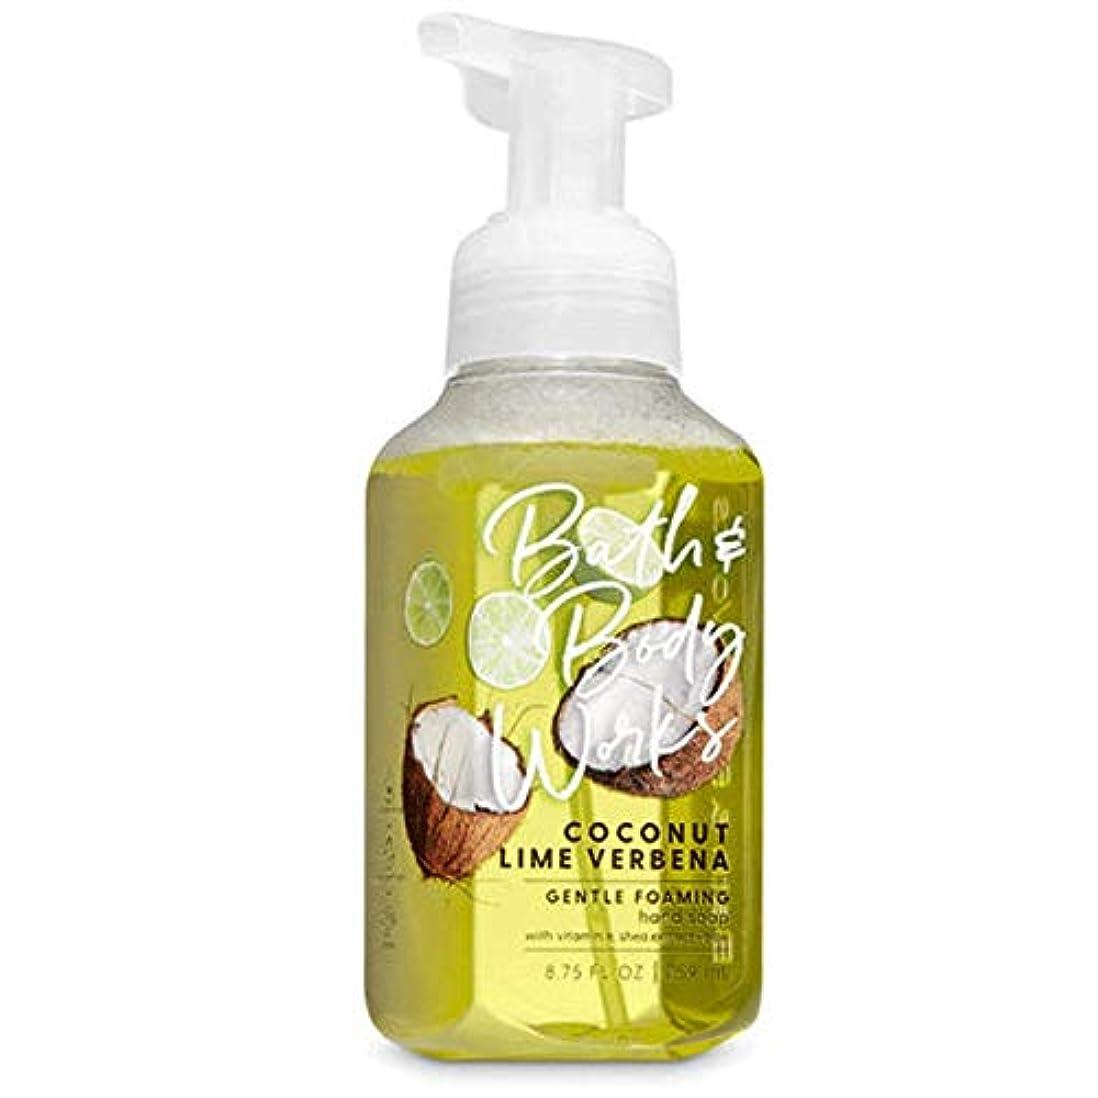 うなずく著名なインタネットを見るバス&ボディワークス ココナッツライムバーベナ ジェントル フォーミング ハンドソープ Coconut Lime Verbena Gentle Foaming Hand Soap